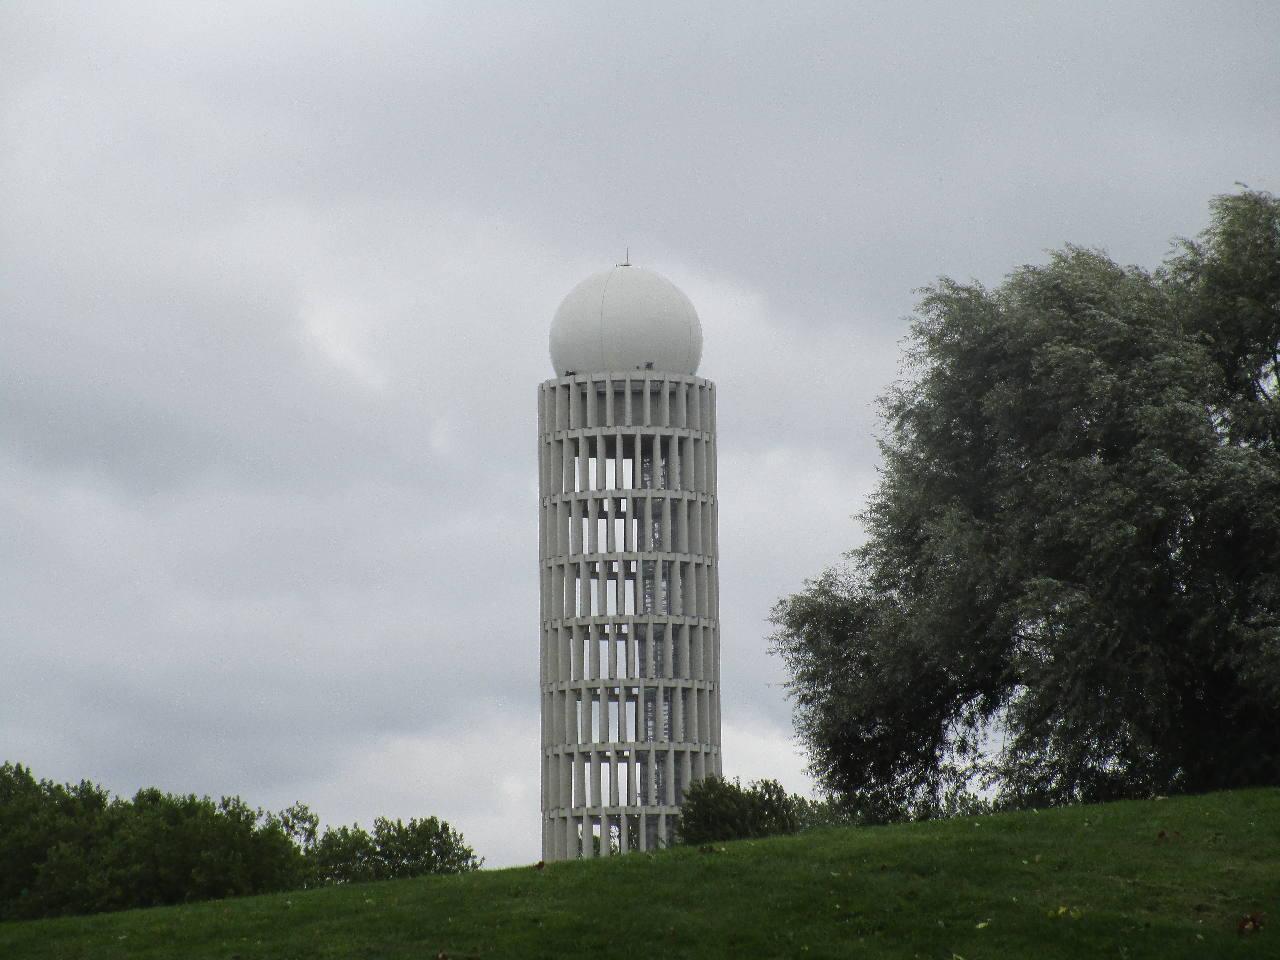 Le nouveau radar de l'aviation civile à Palaiseau a été inauguré